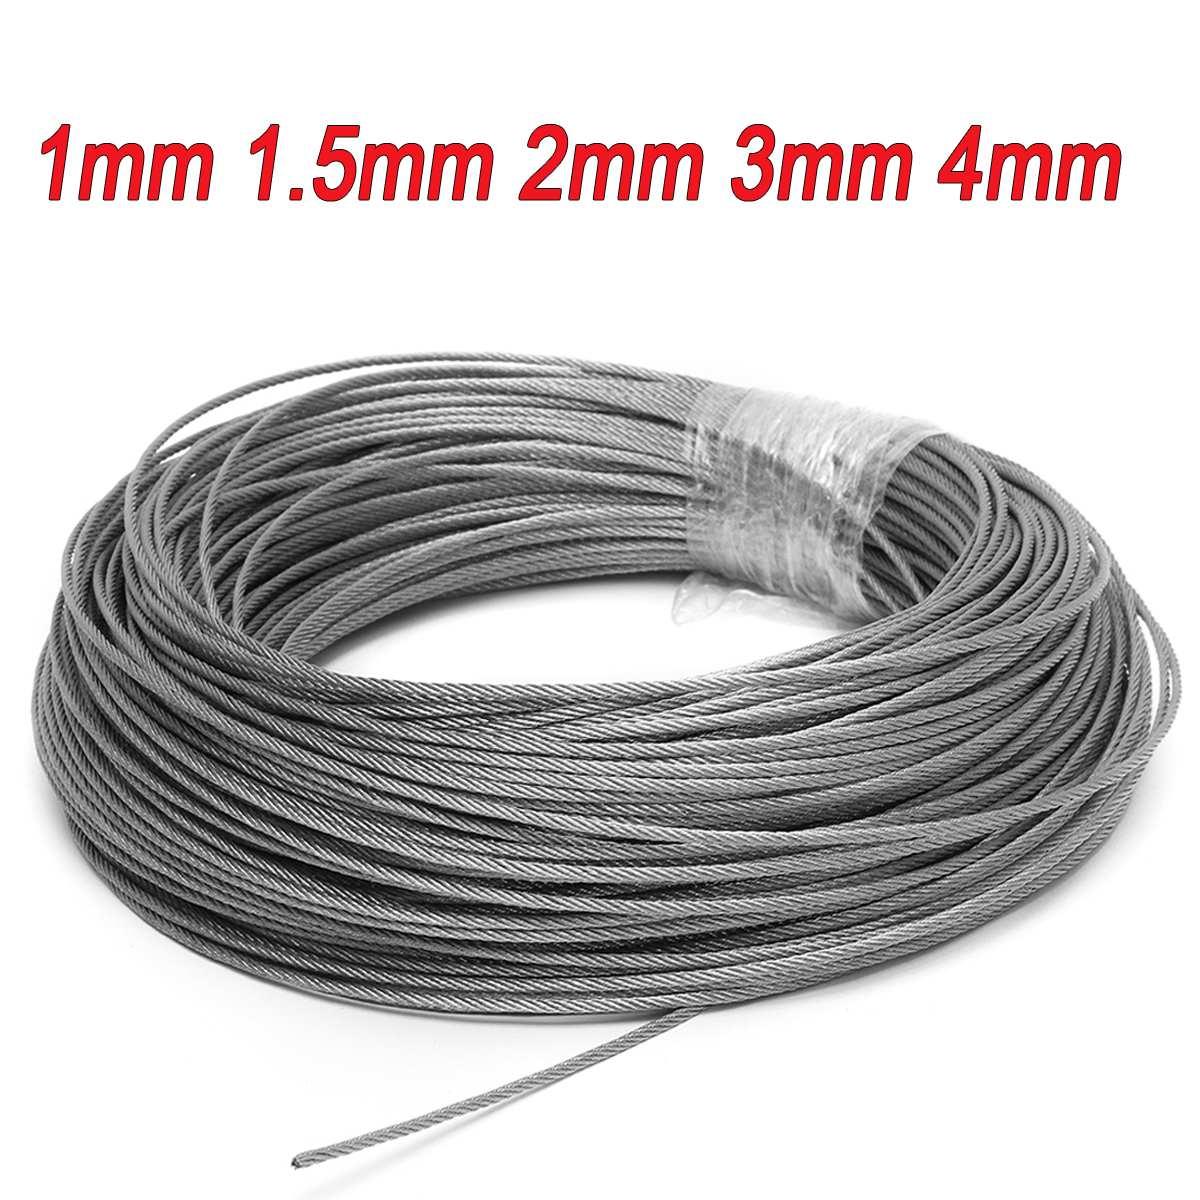 50 M/100 M 1mm 1.5mm 2mm 직경 304 스테인레스 스틸 와이어 로프 낚시 케이블 라인 빨랫줄 7X7 구조 1/1. 5/2mm